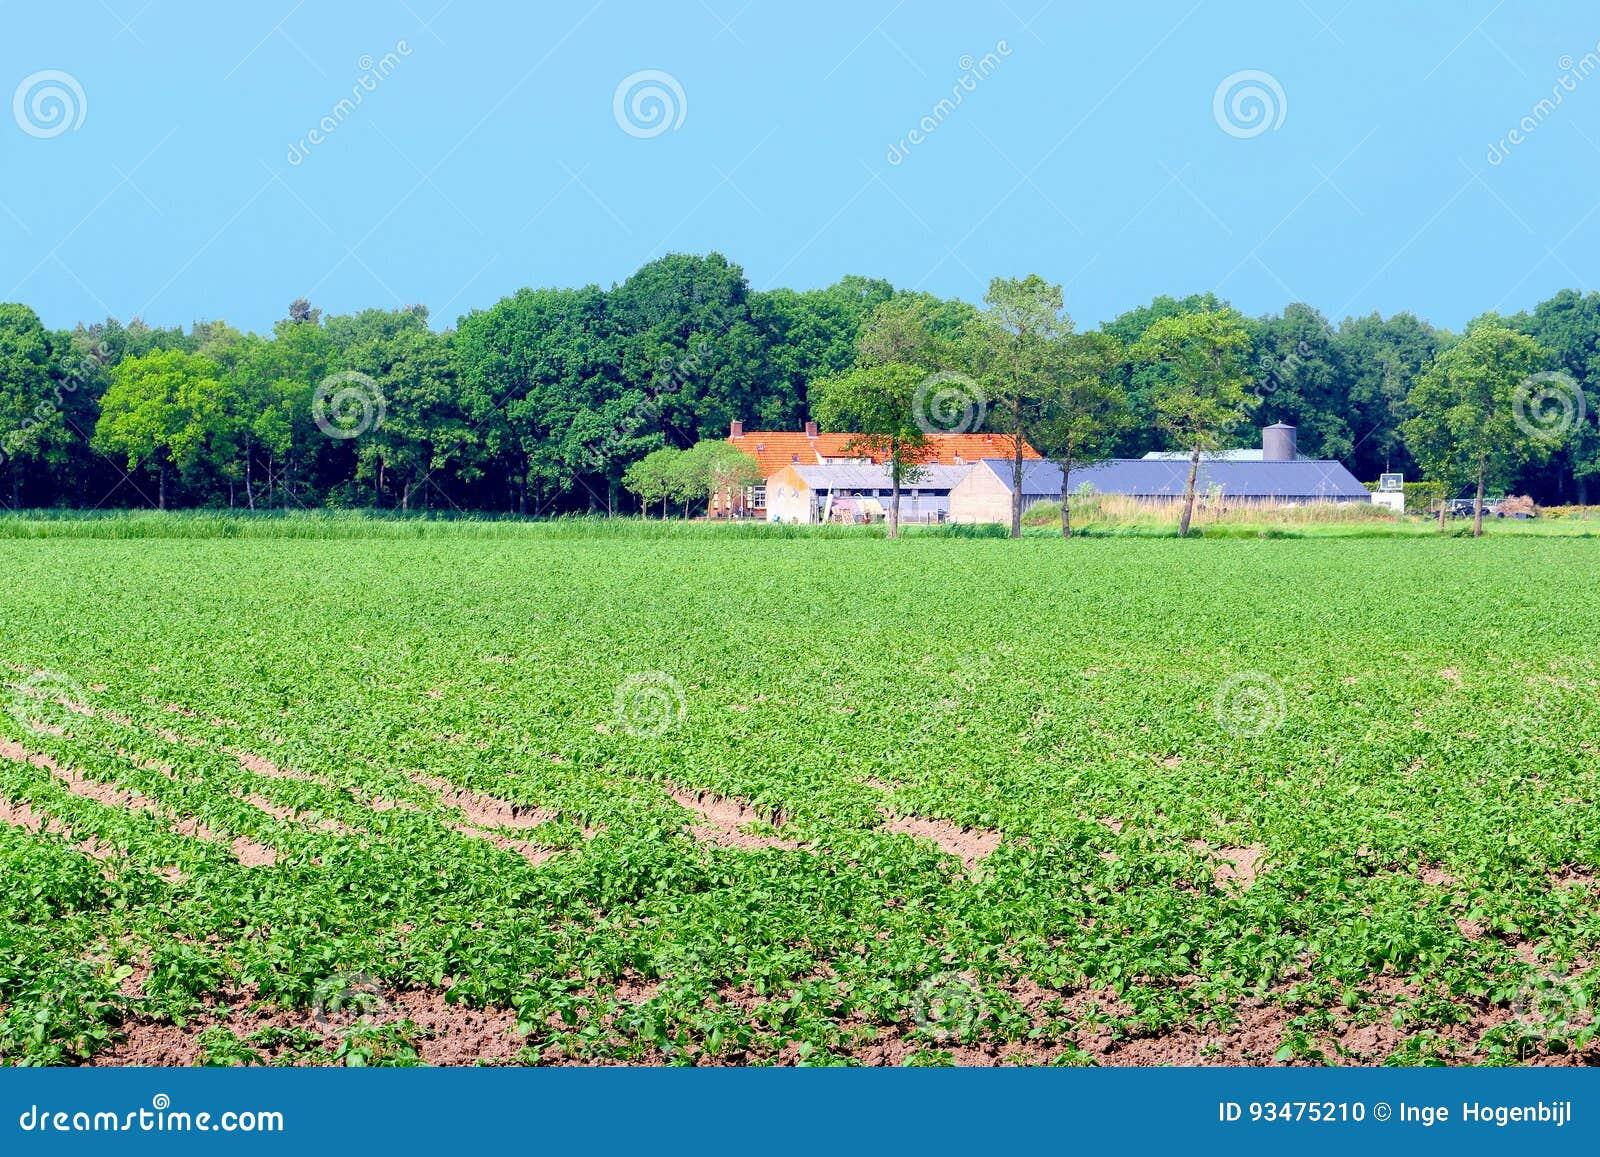 Голландский сельский дом подрезывает плантацию полей patatoes, Нидерланды